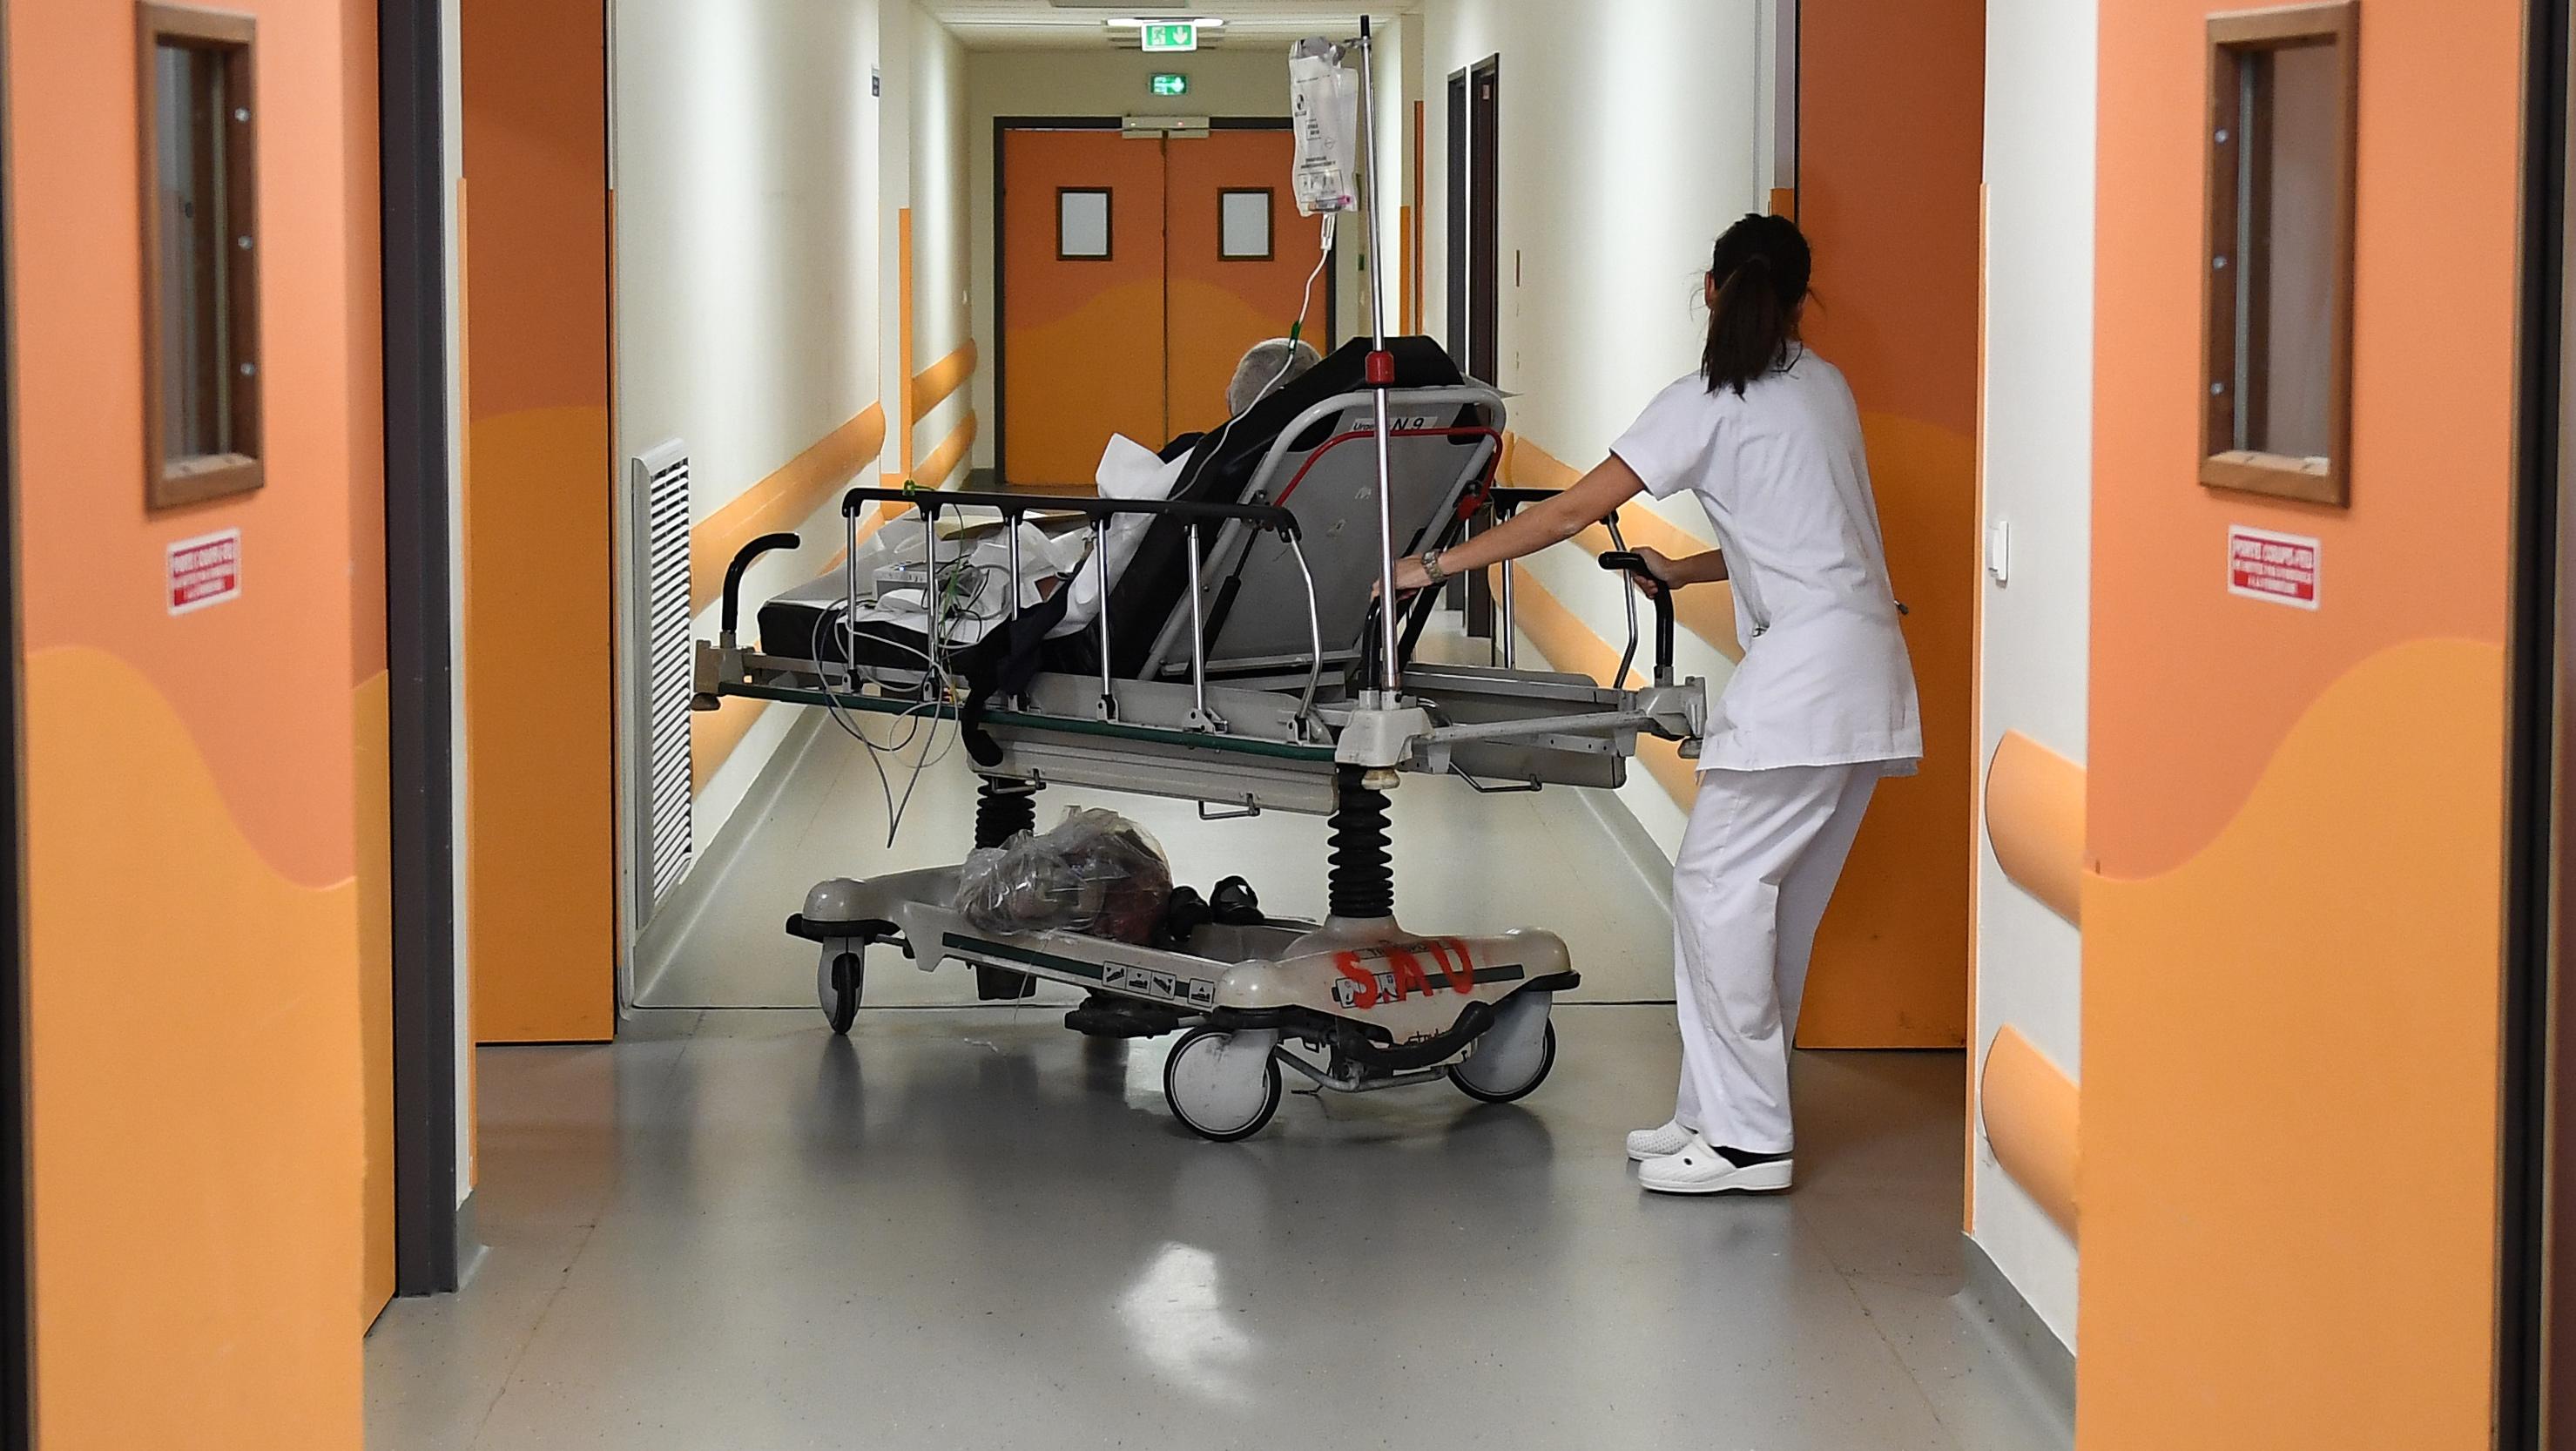 Vue de l'intérieur de l'hôpital de la Timone en janvier 2017